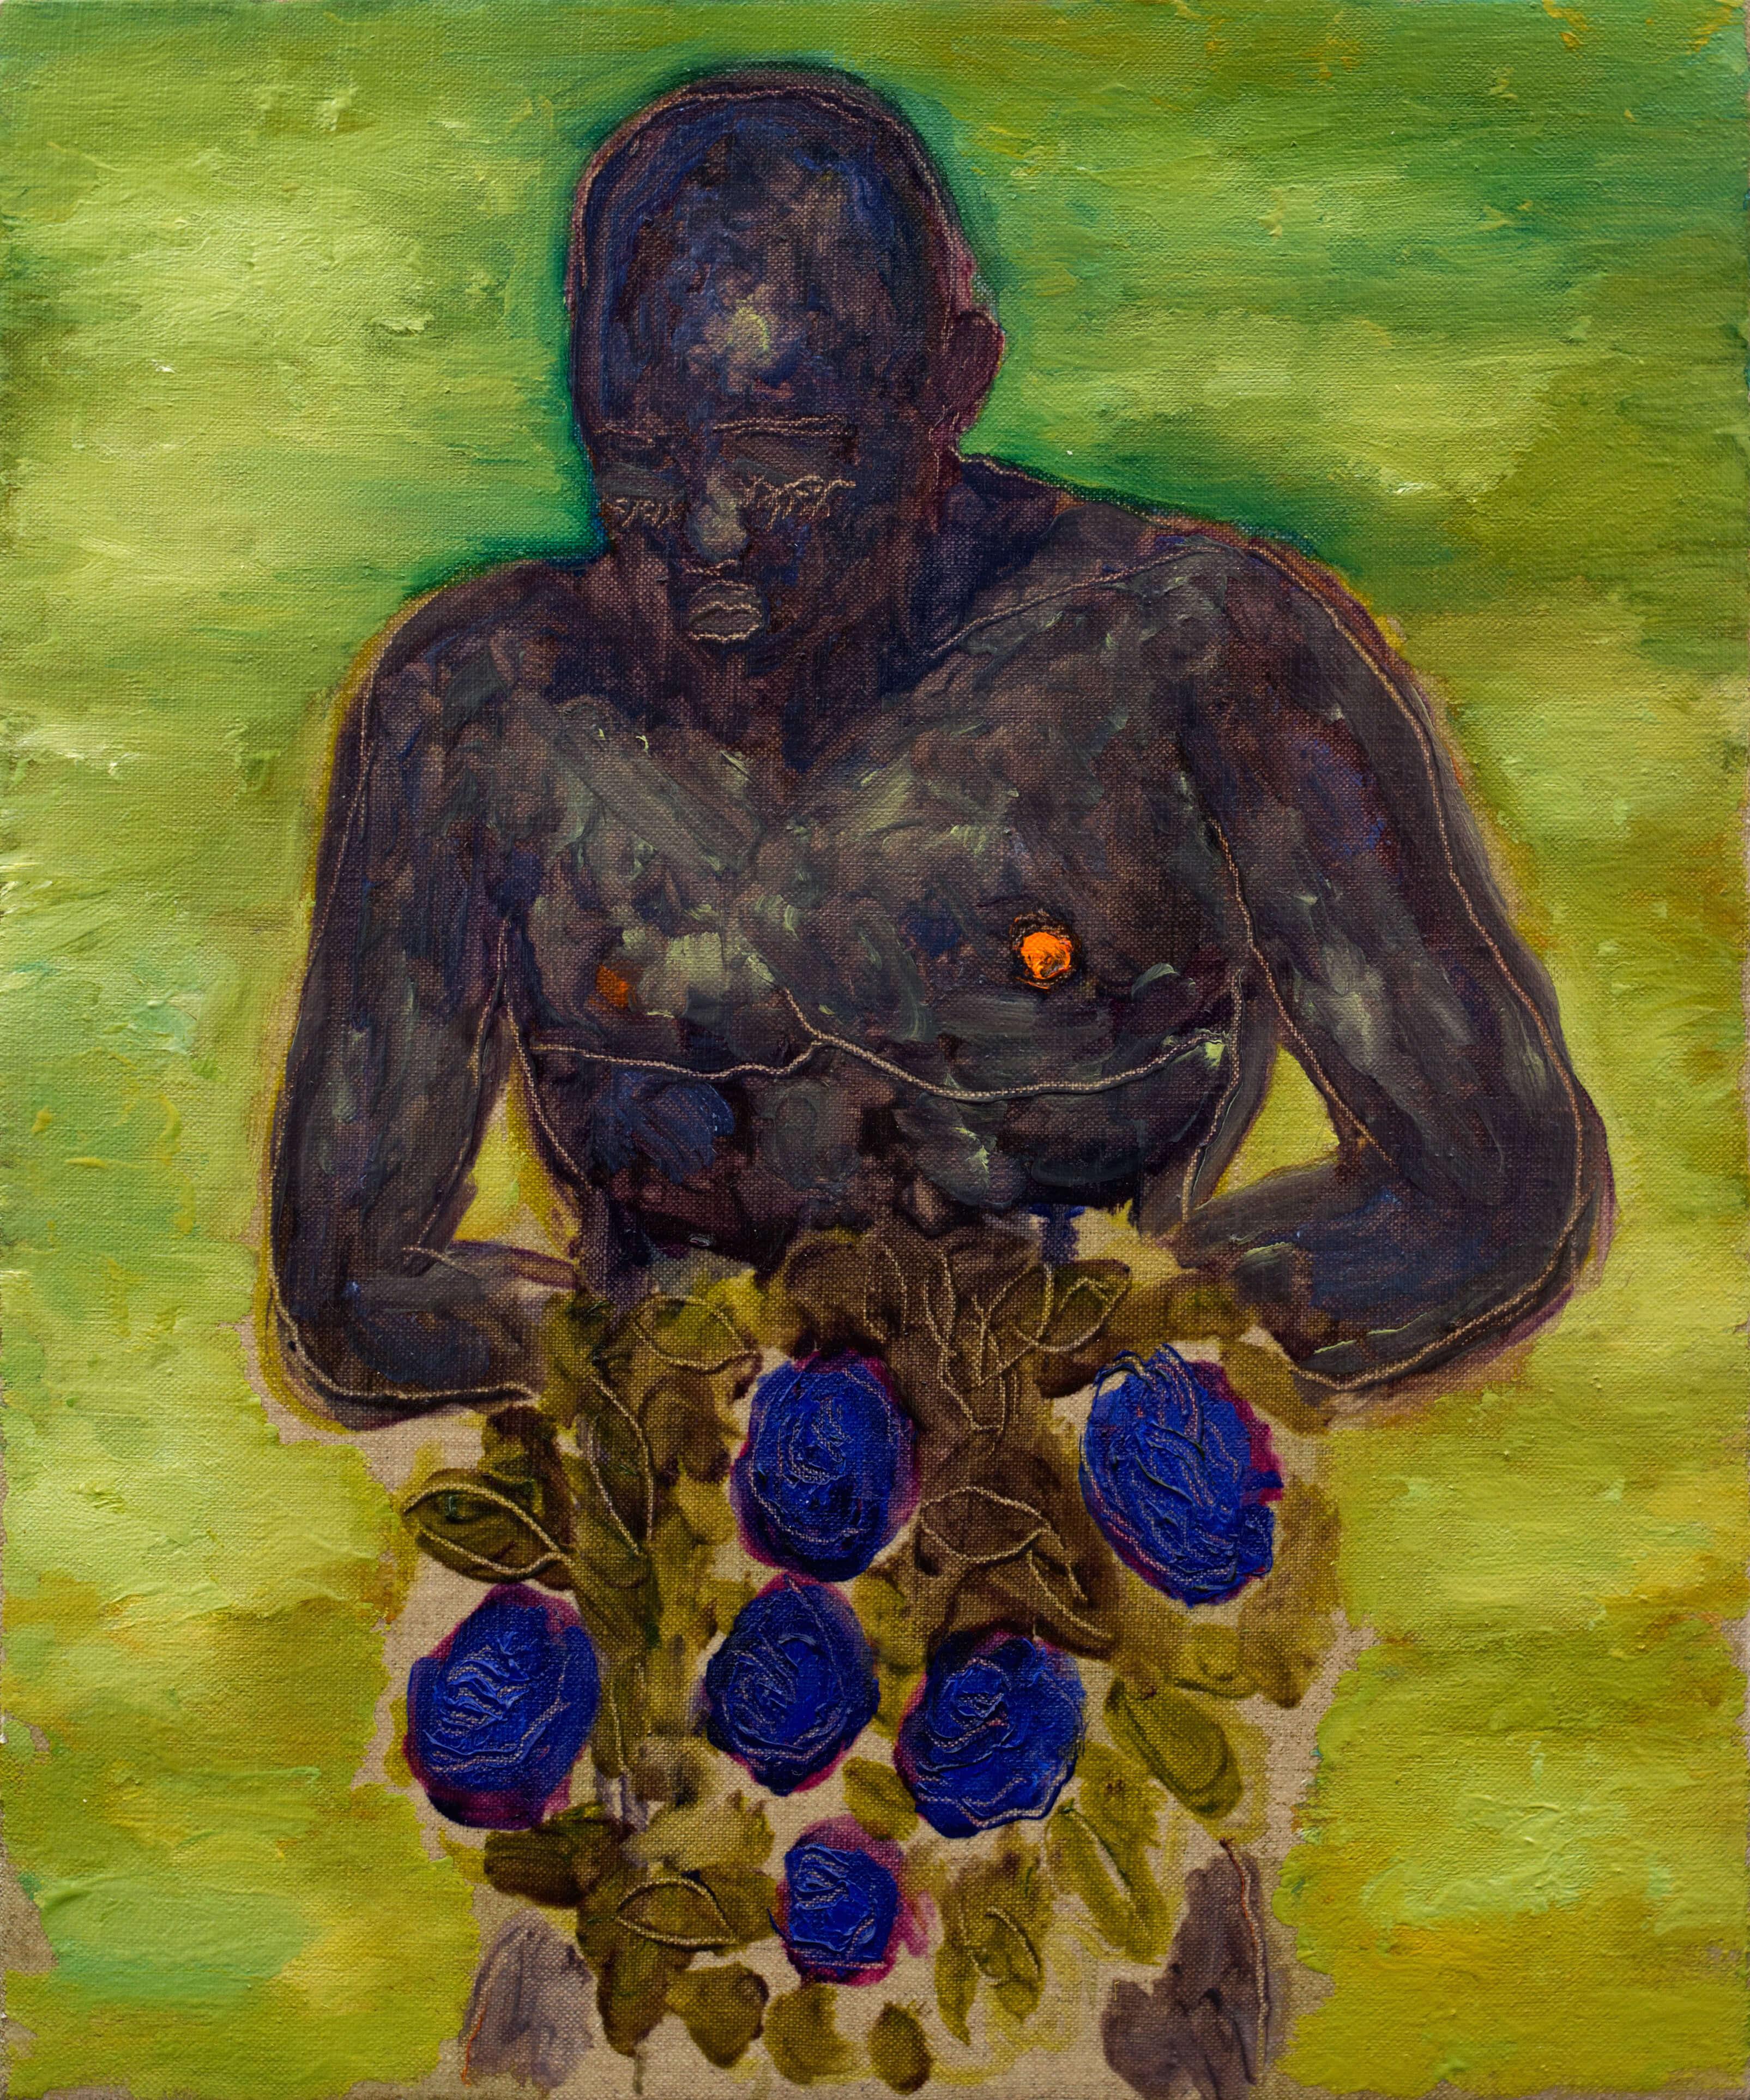 Grgur-Akrap-The-Lover-42x35cm-oil-on-canvas-2019.